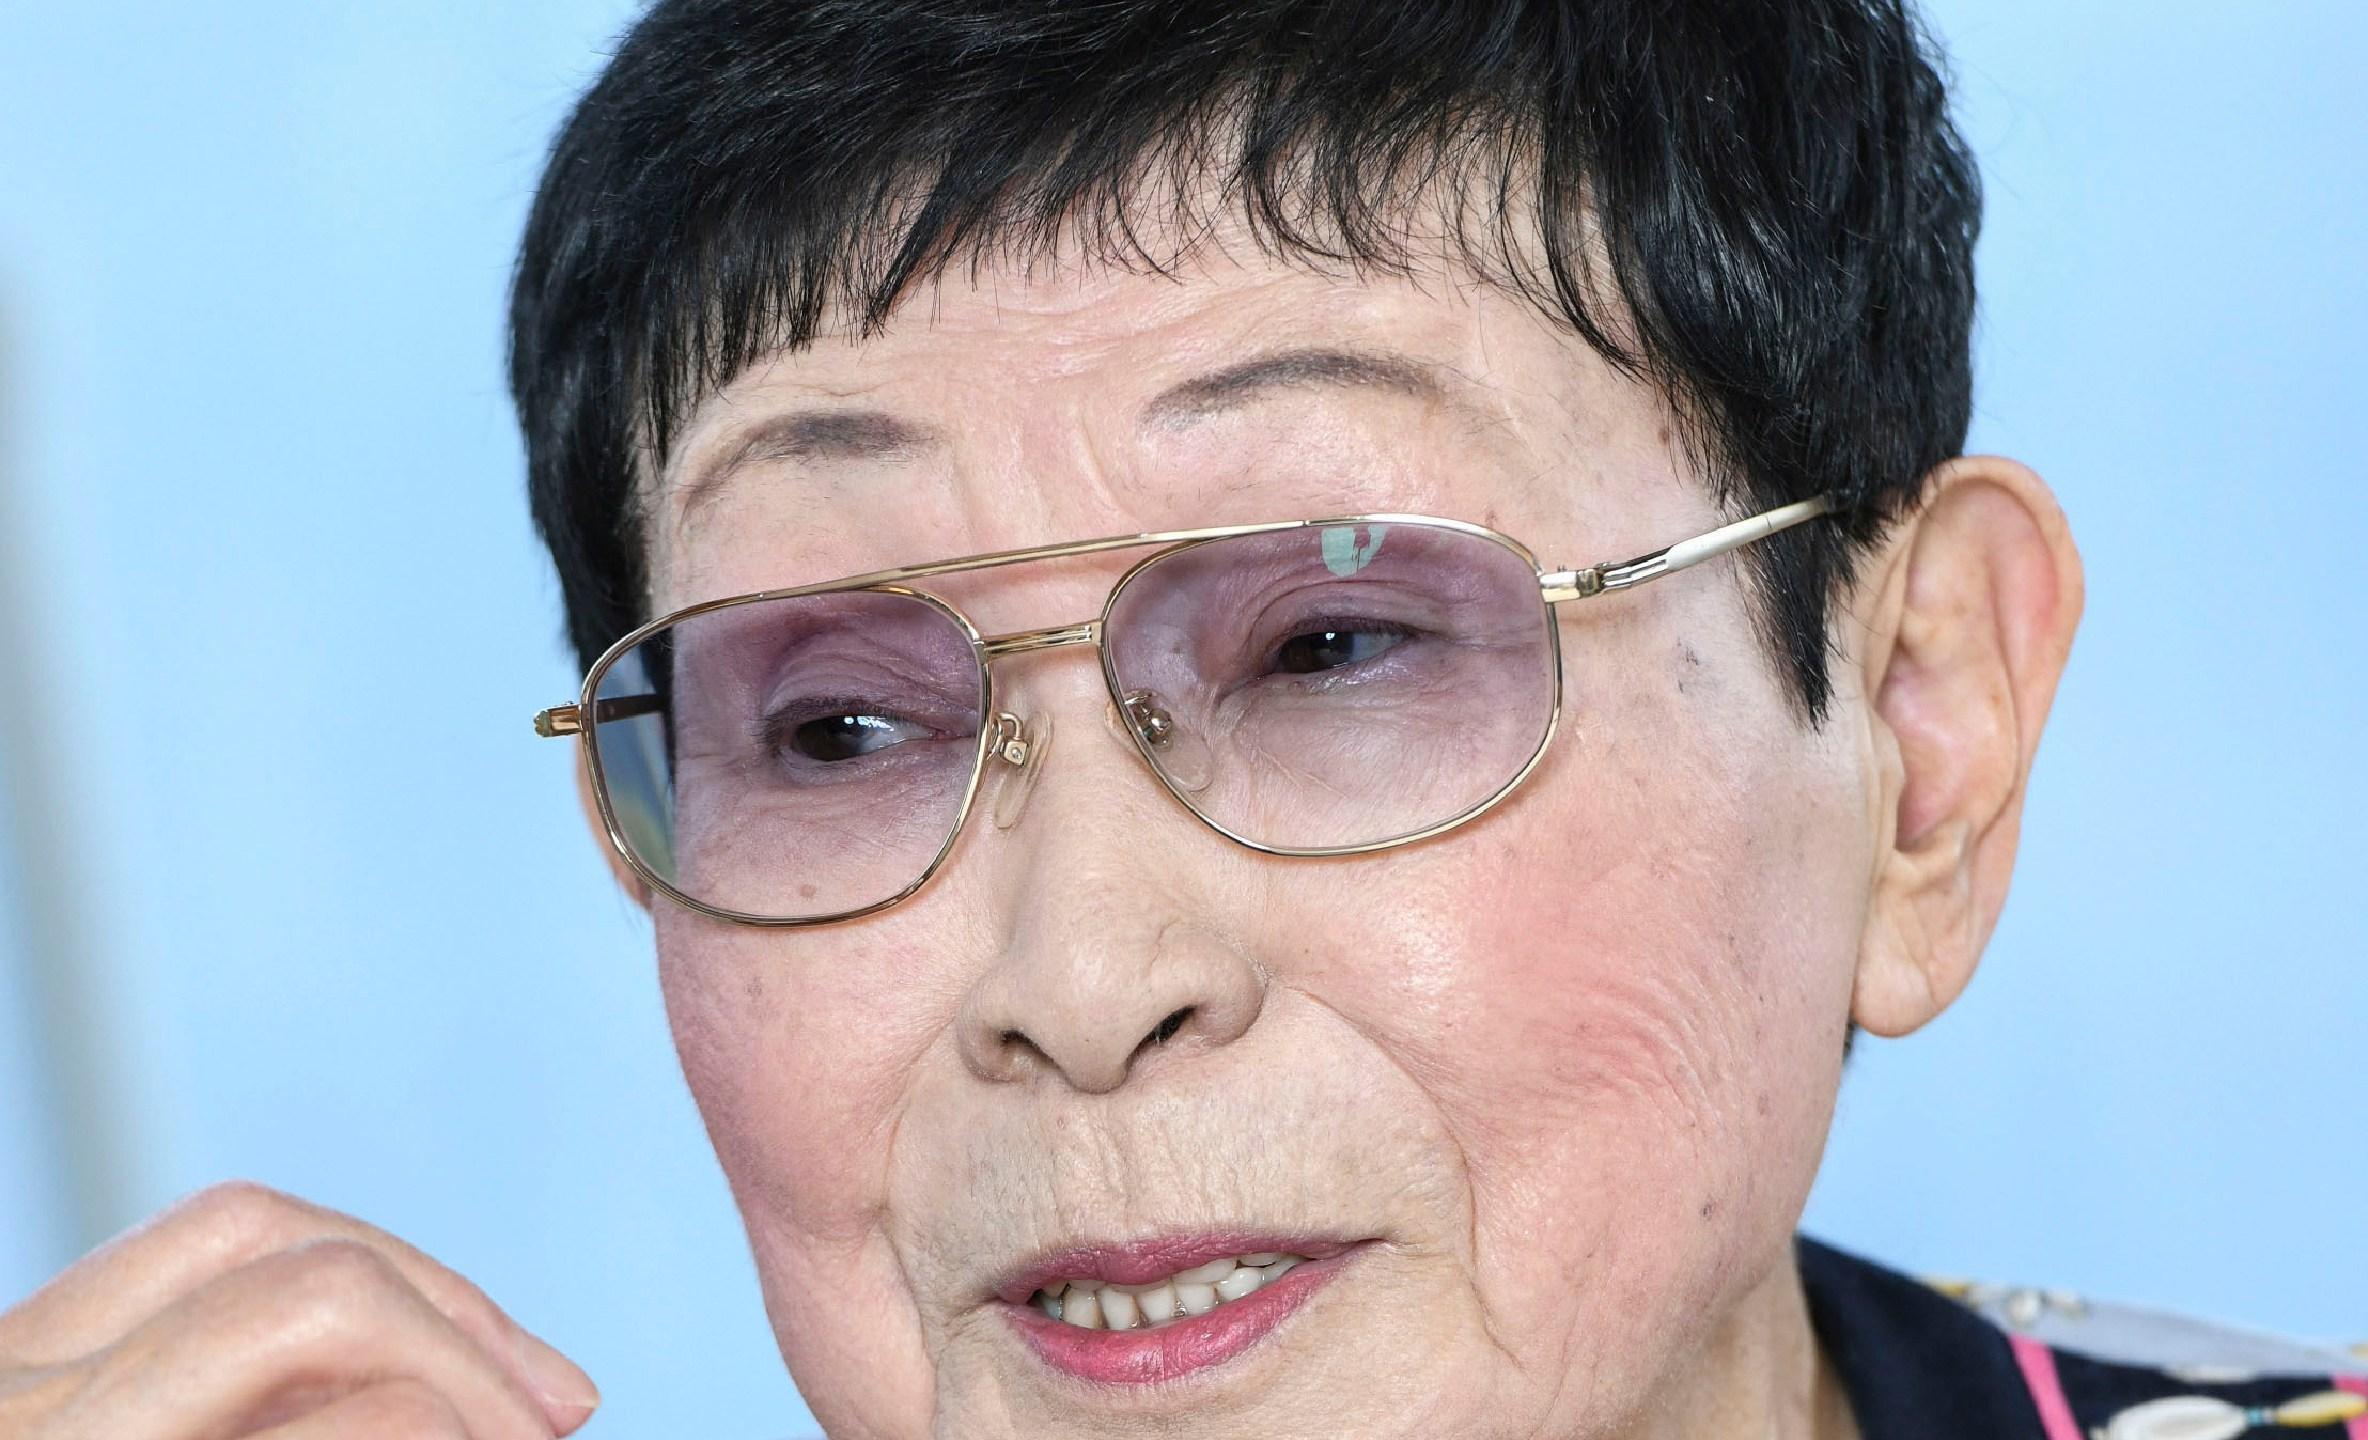 Sugako Hashida